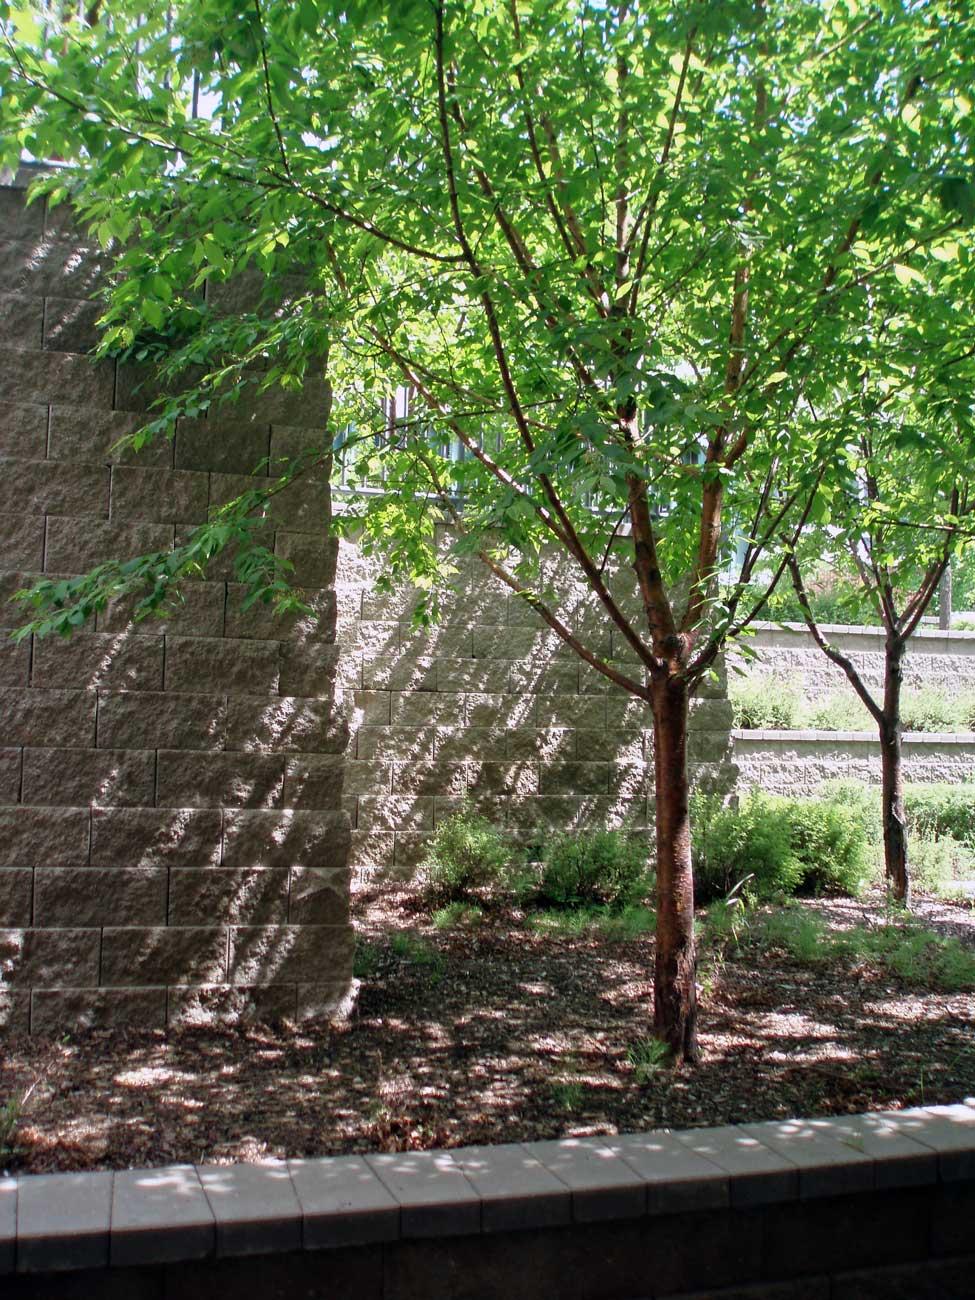 SAIT cornerstone retaining walls